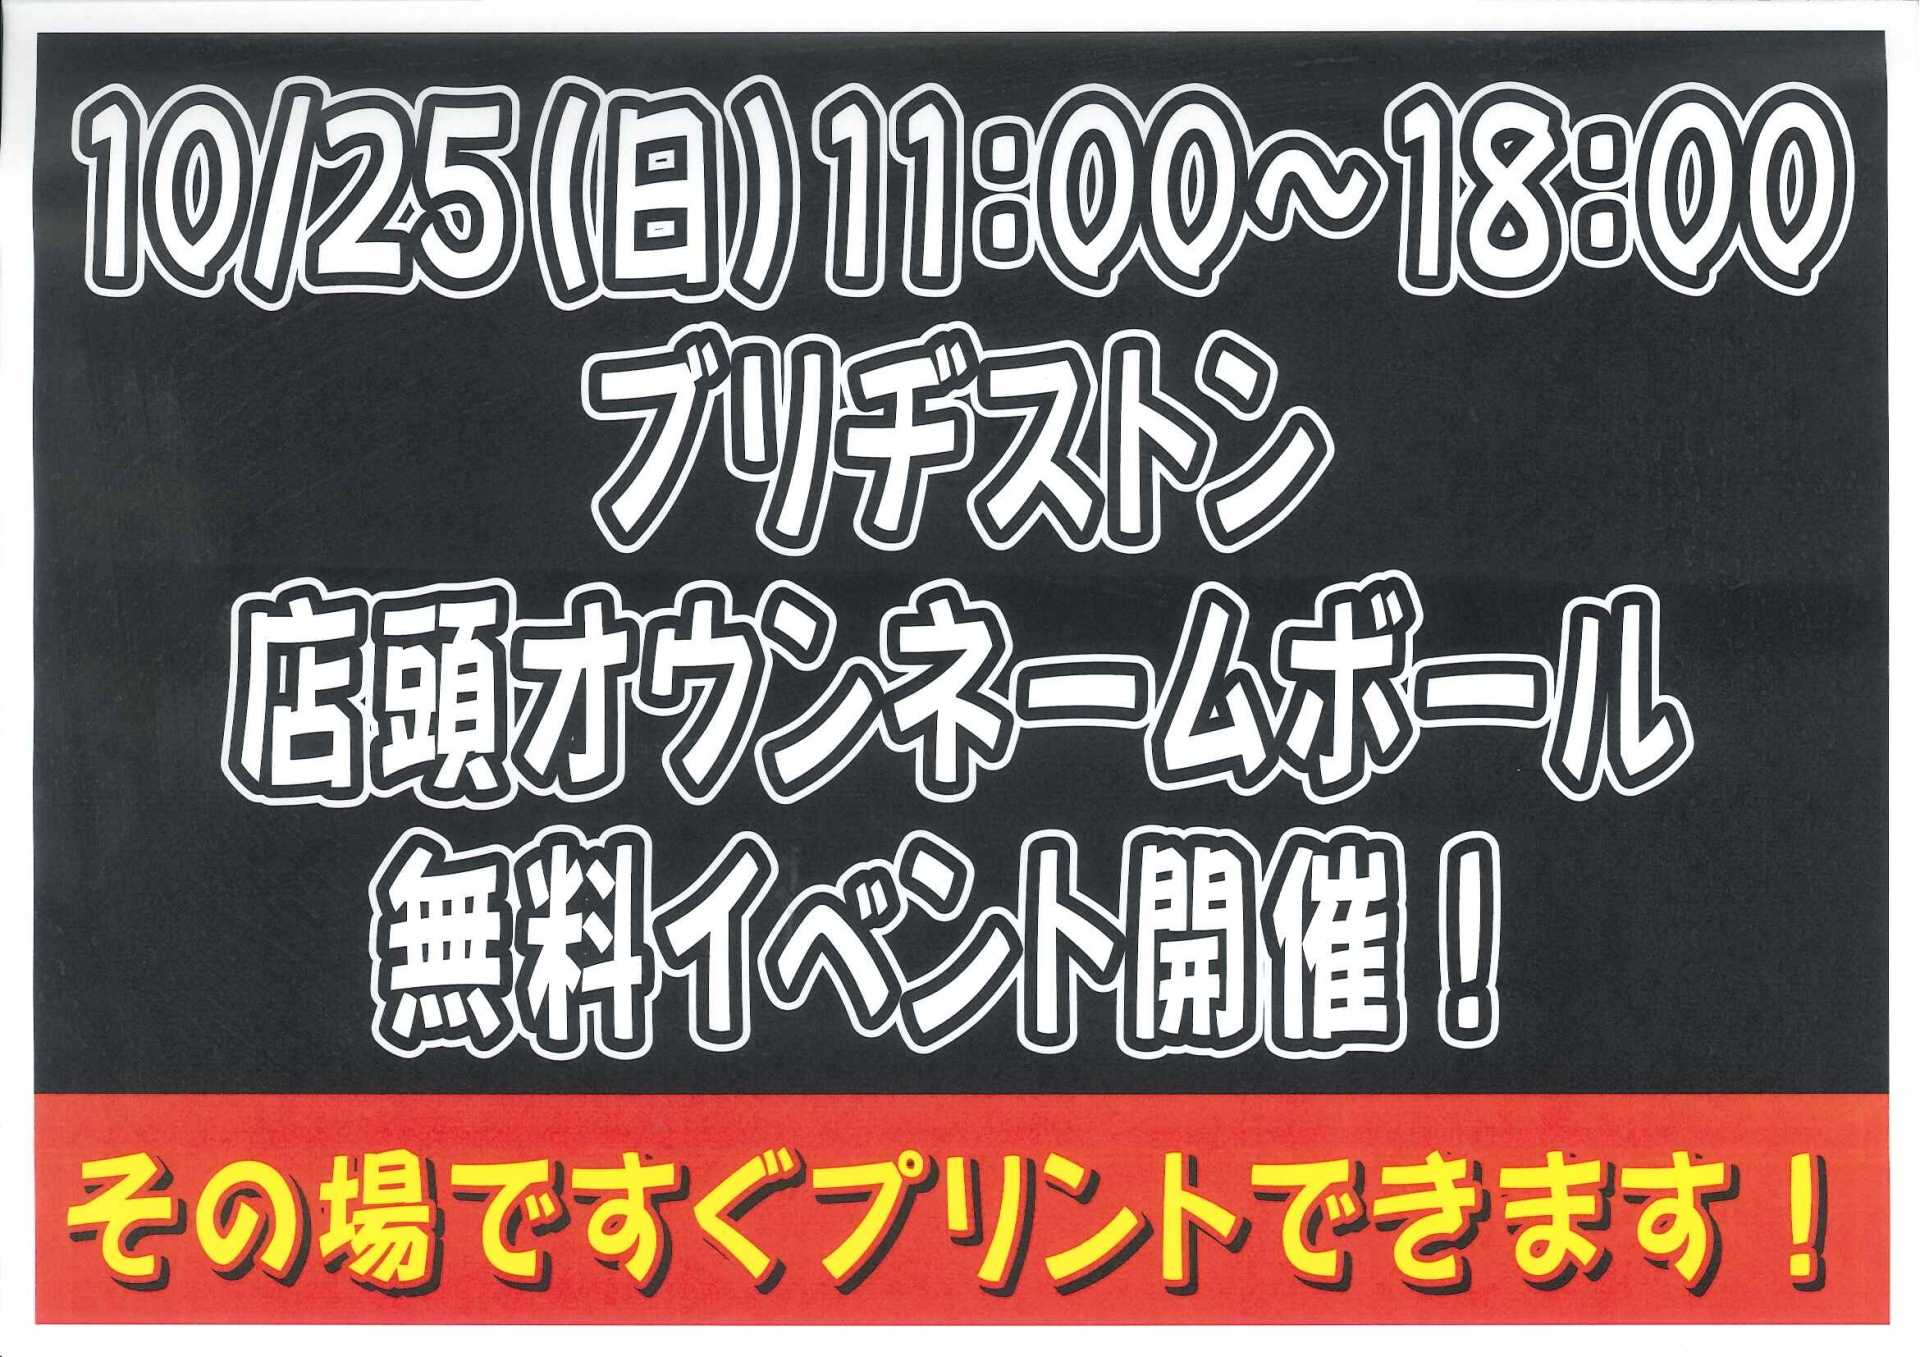 ブリヂストンオウンネームボールイベント開催!!